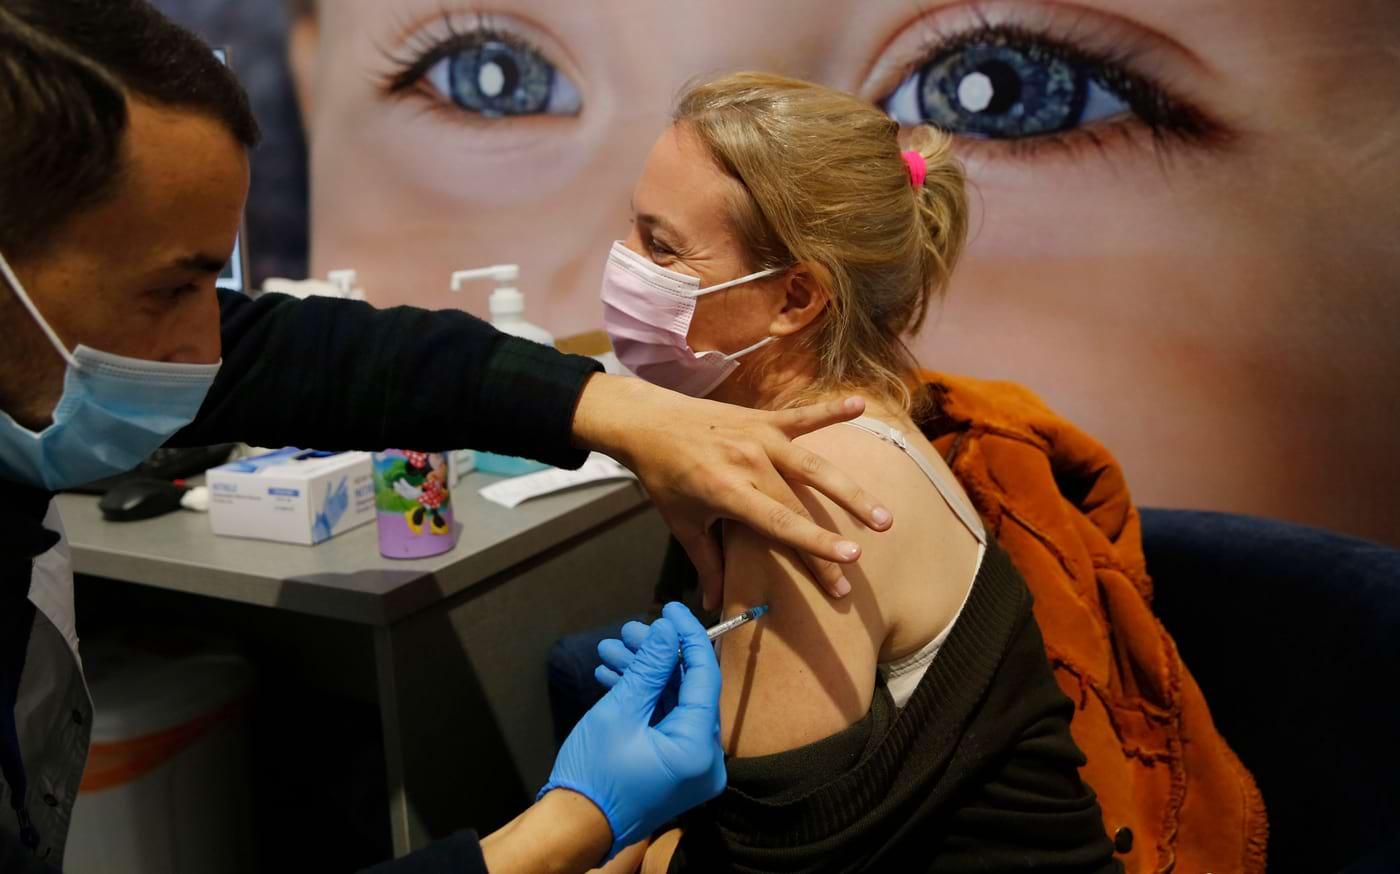 Persoanele vaccinate anti-COVID-19 au o încărcătură virală de 4 ori mai mică față de o persoană nevaccinată